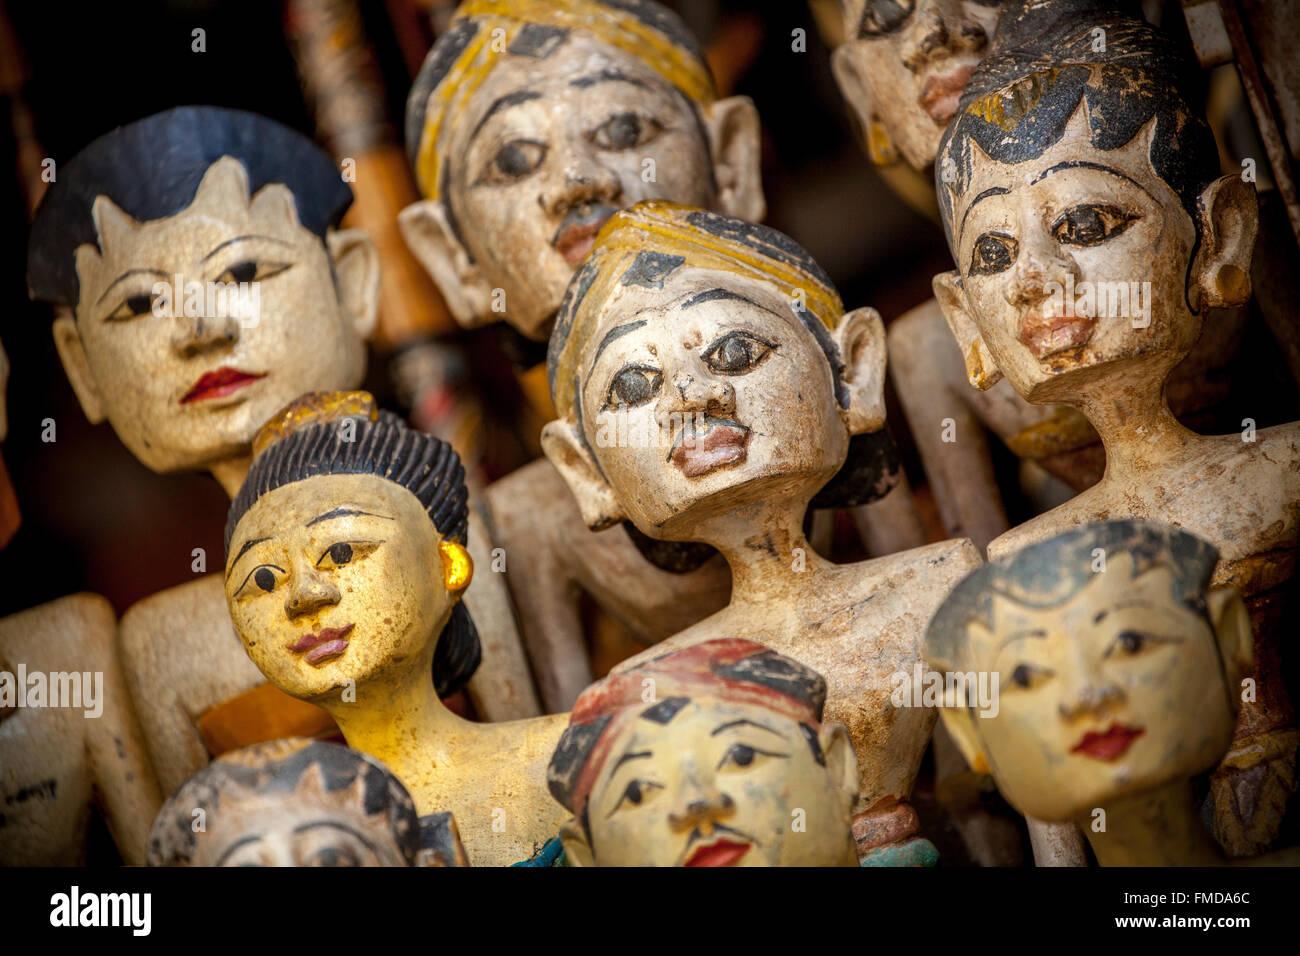 Heads of wooden figures, temple dancers in a bazaar in Ubud, Bali, Indonesia - Stock Image